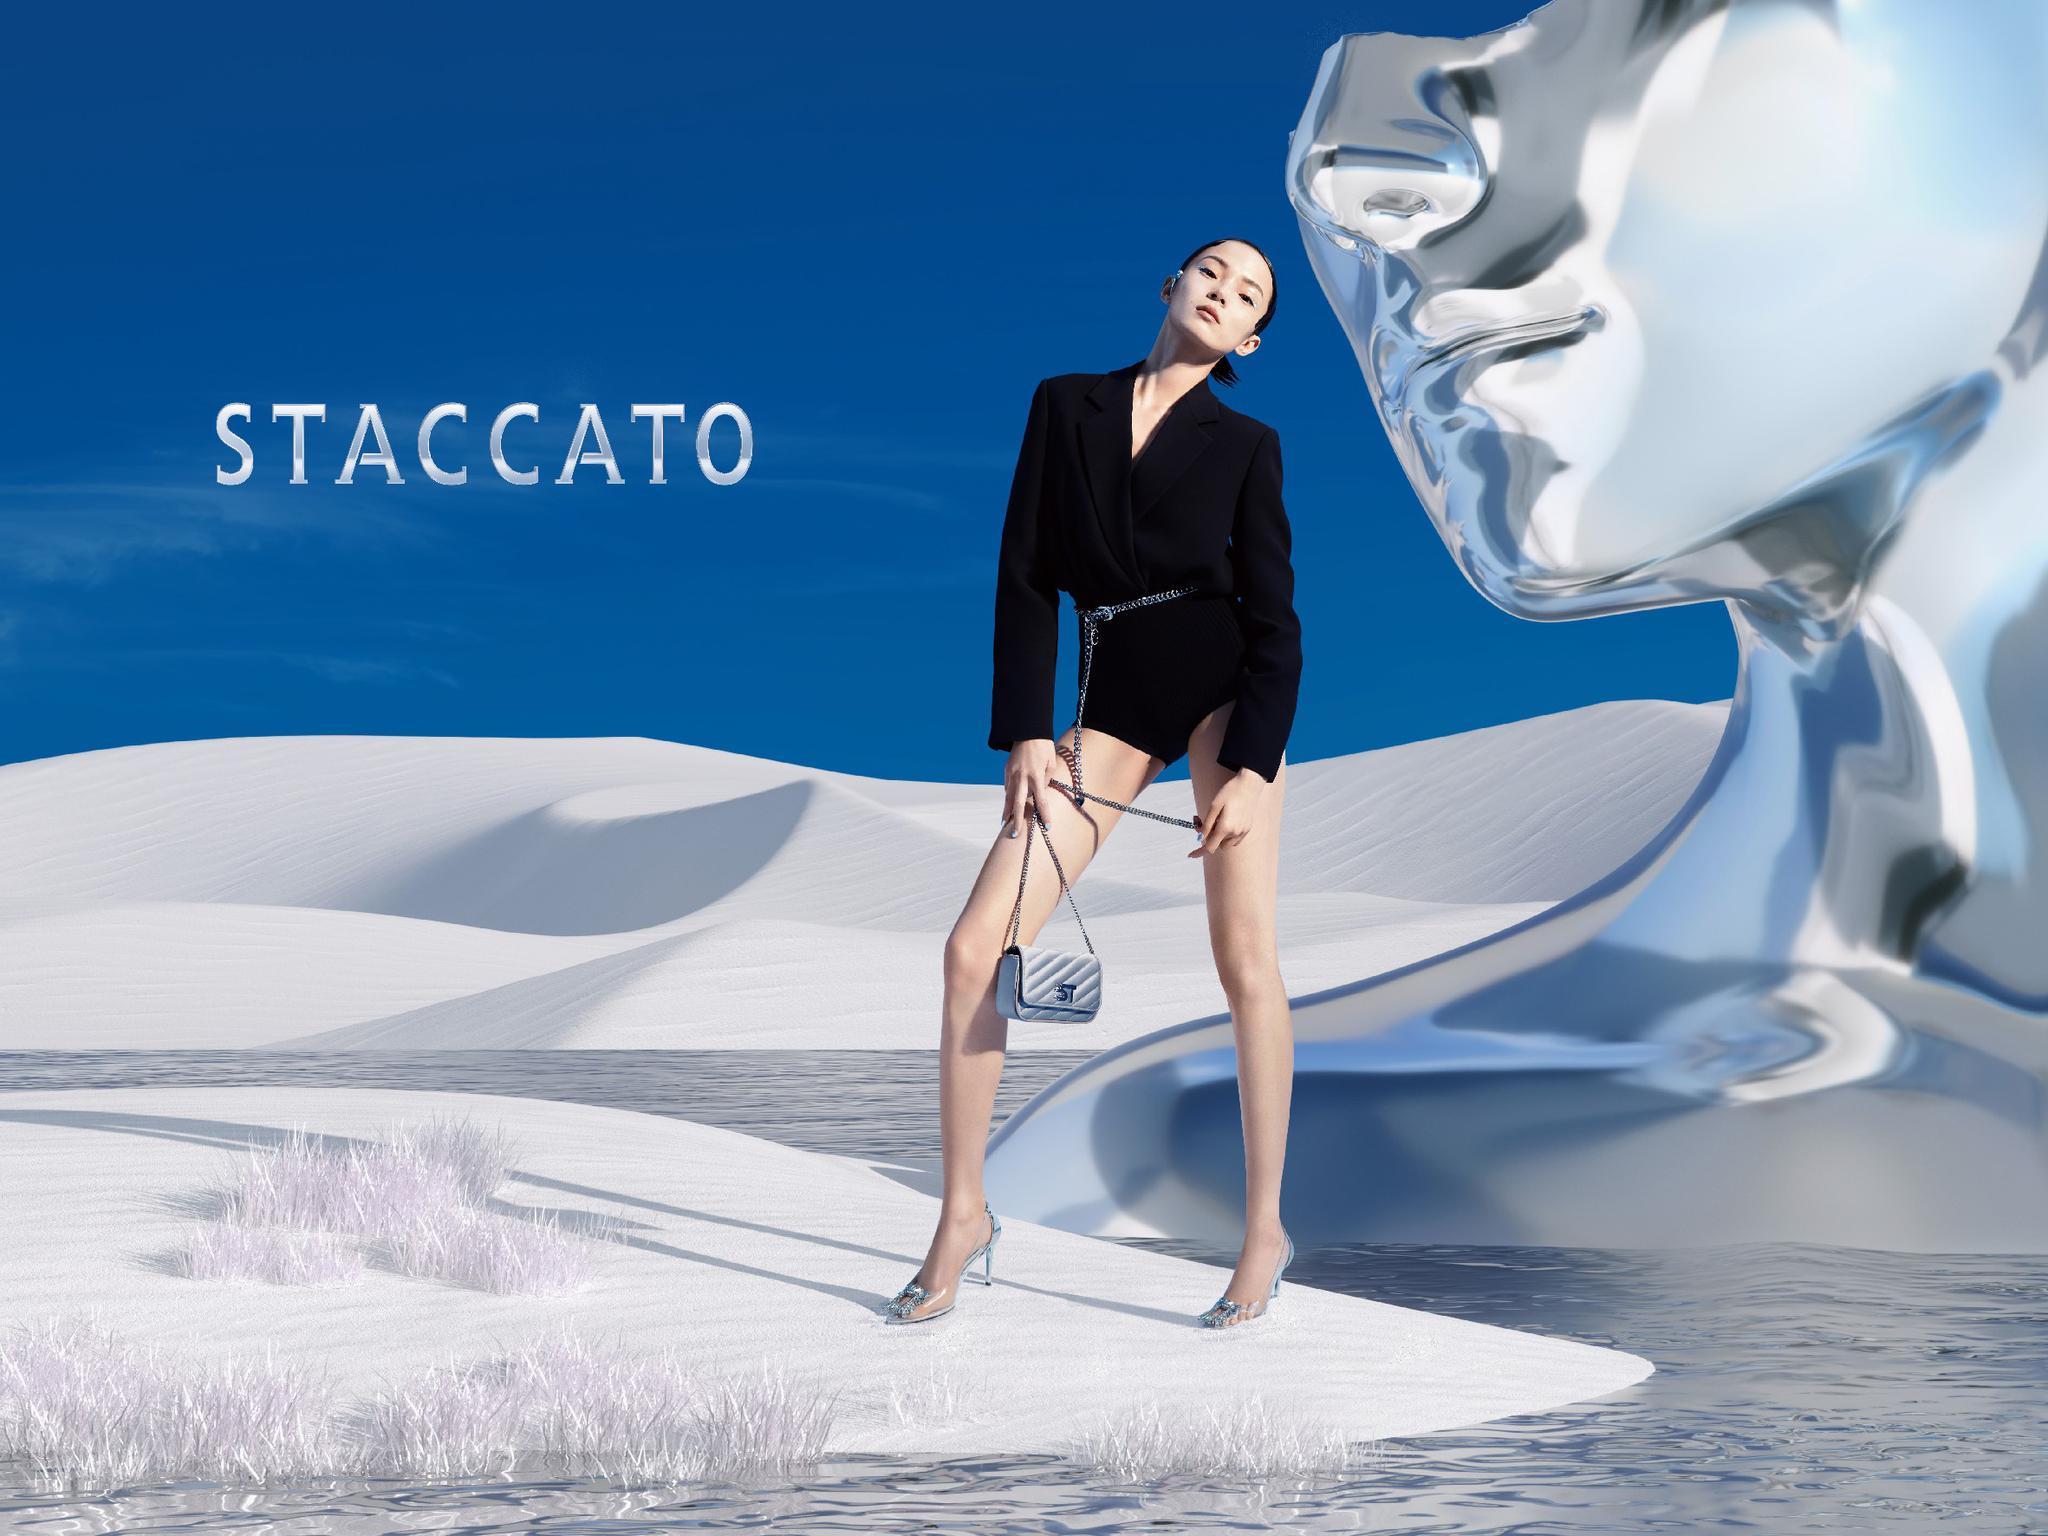 未来幻境,开启超现实新纪元——STACCATO 2021春夏新品发布